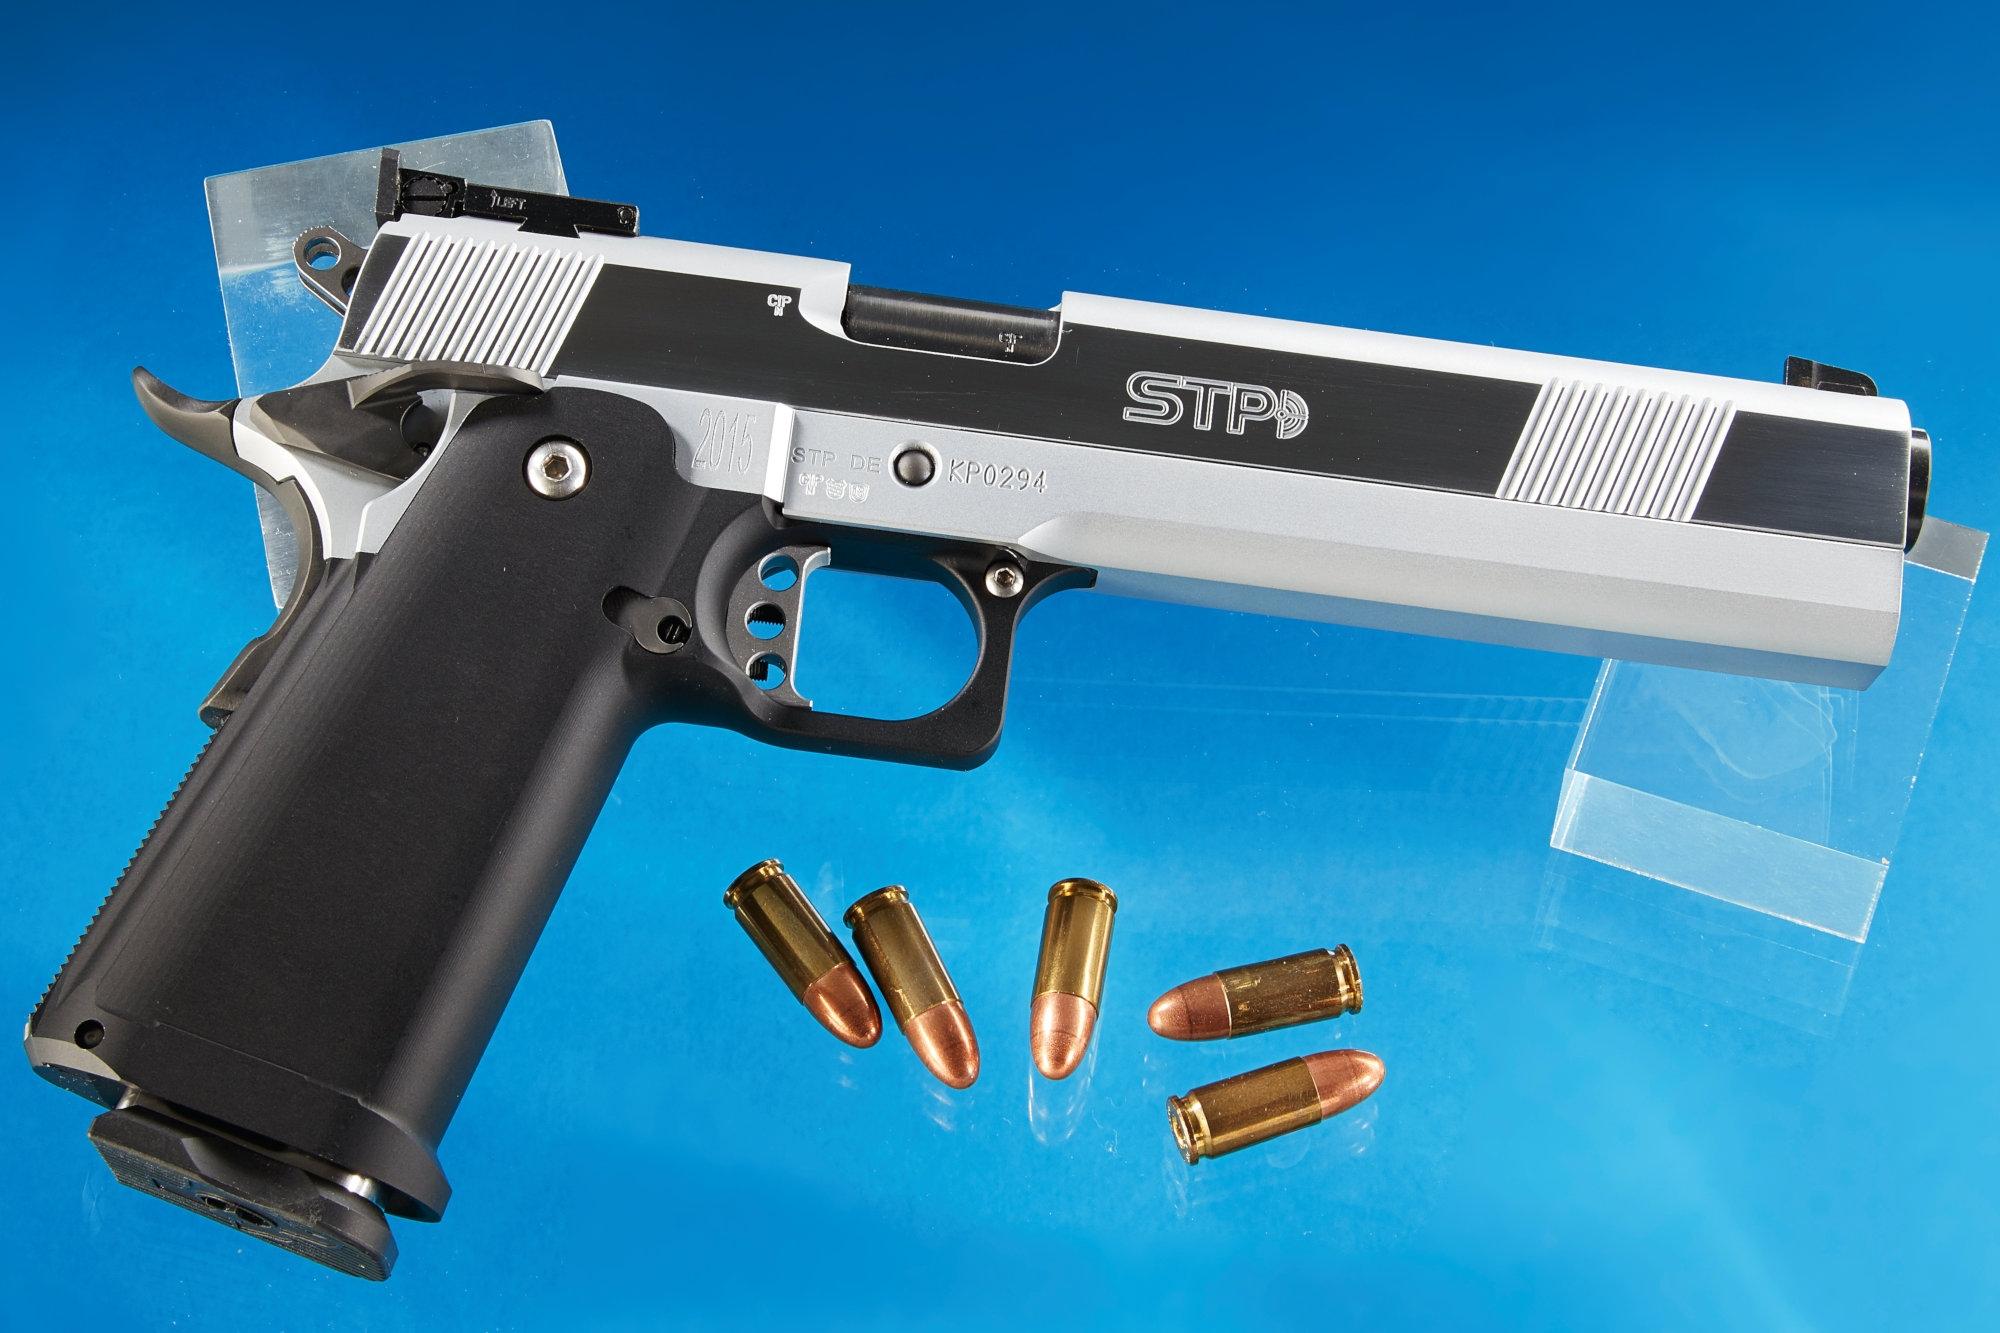 datování kovářských a wessonových pistolí steubenville ohio dating